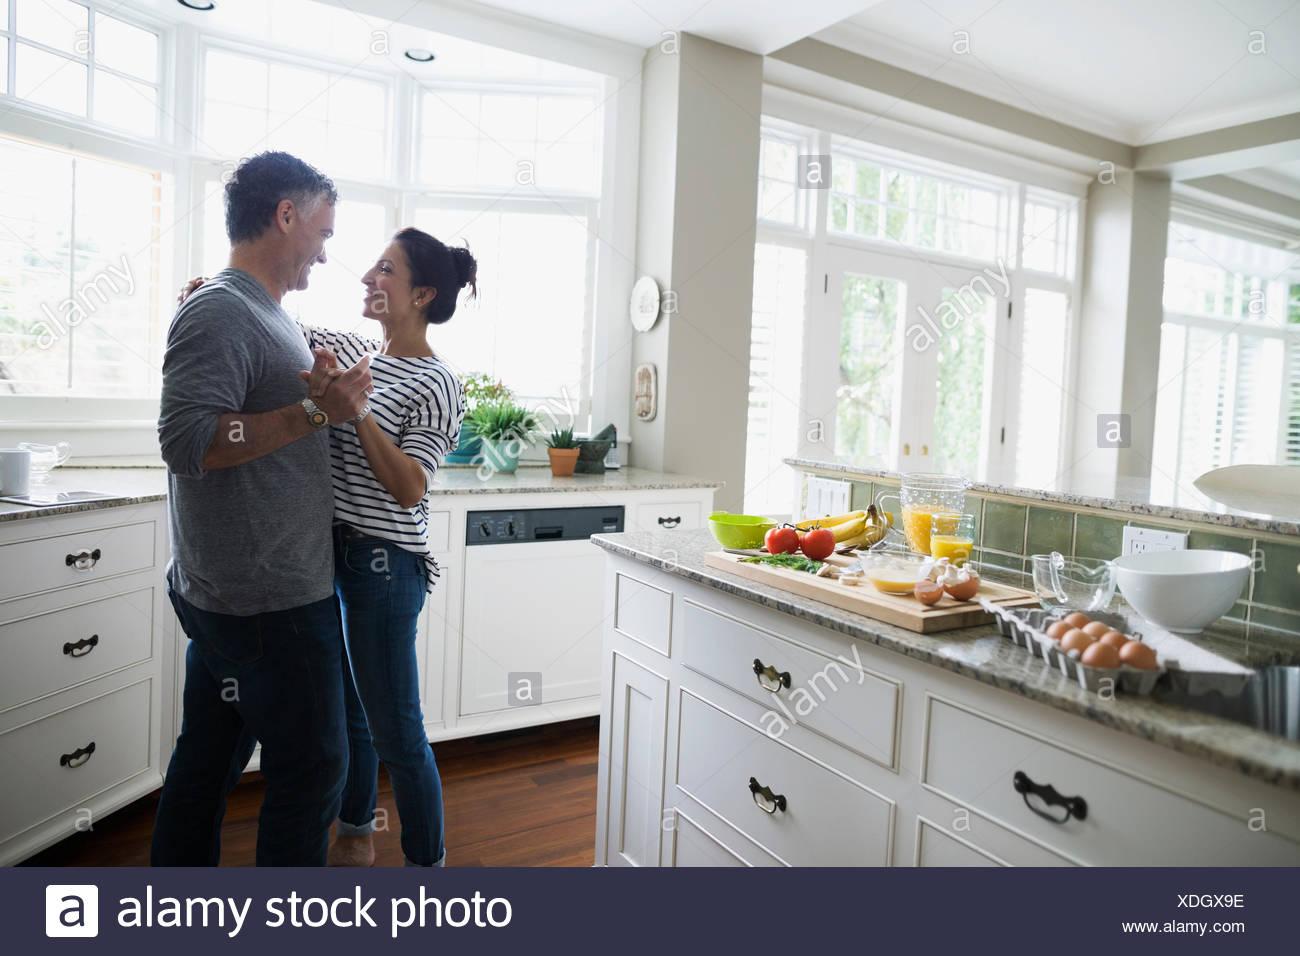 Romantisch zu zweit tanzen in Küche Stockfoto, Bild: 283728298 - Alamy